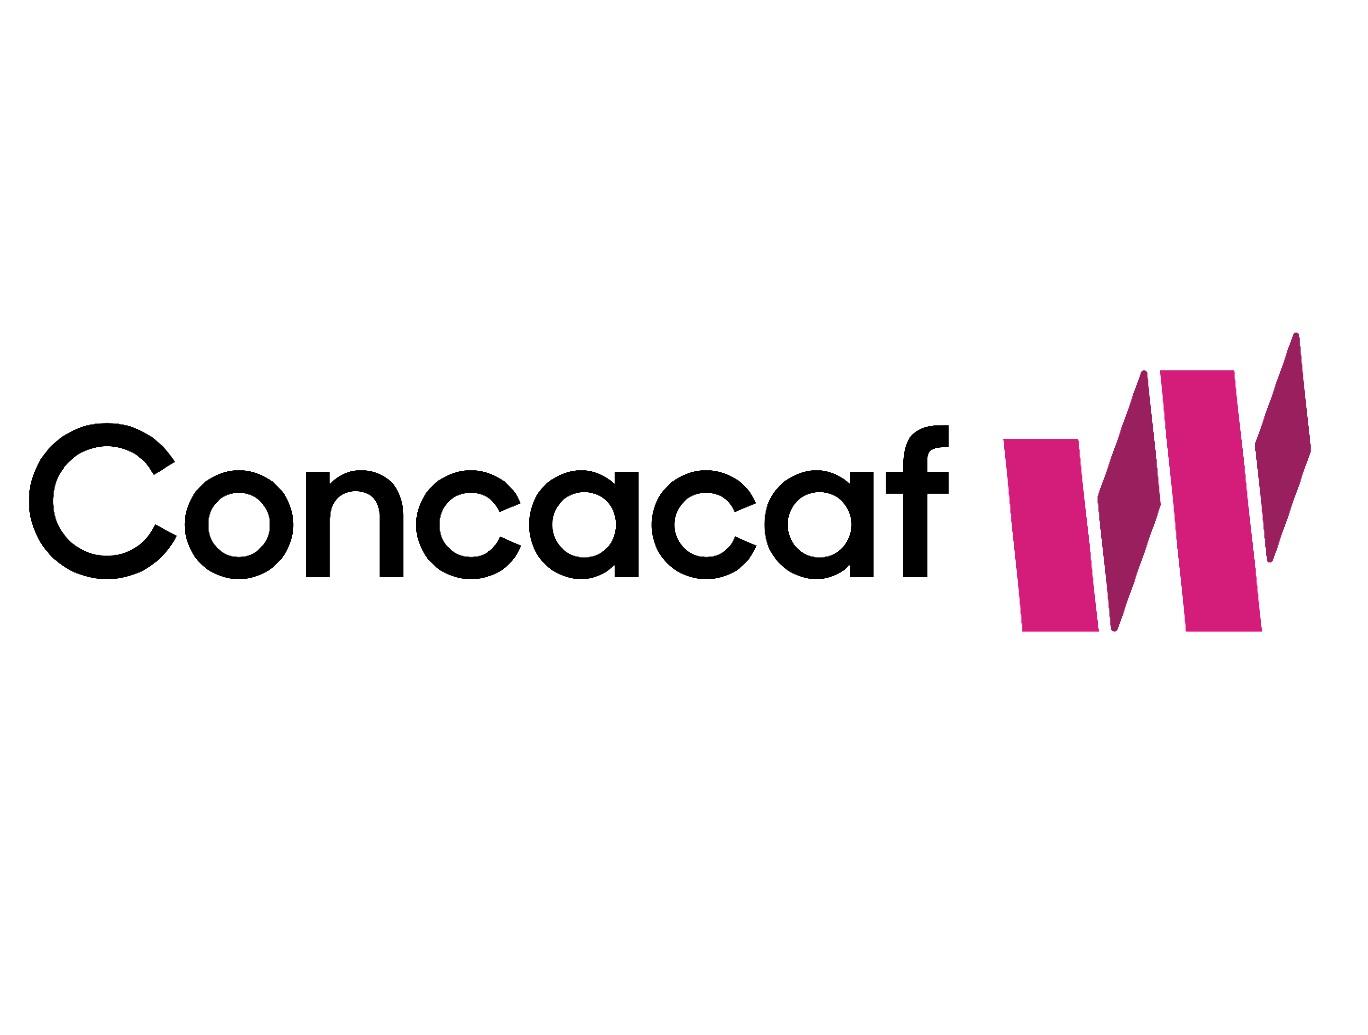 Concacaf Anuncia Plan Estratégico para Desarrollar el Fútbol Femenino